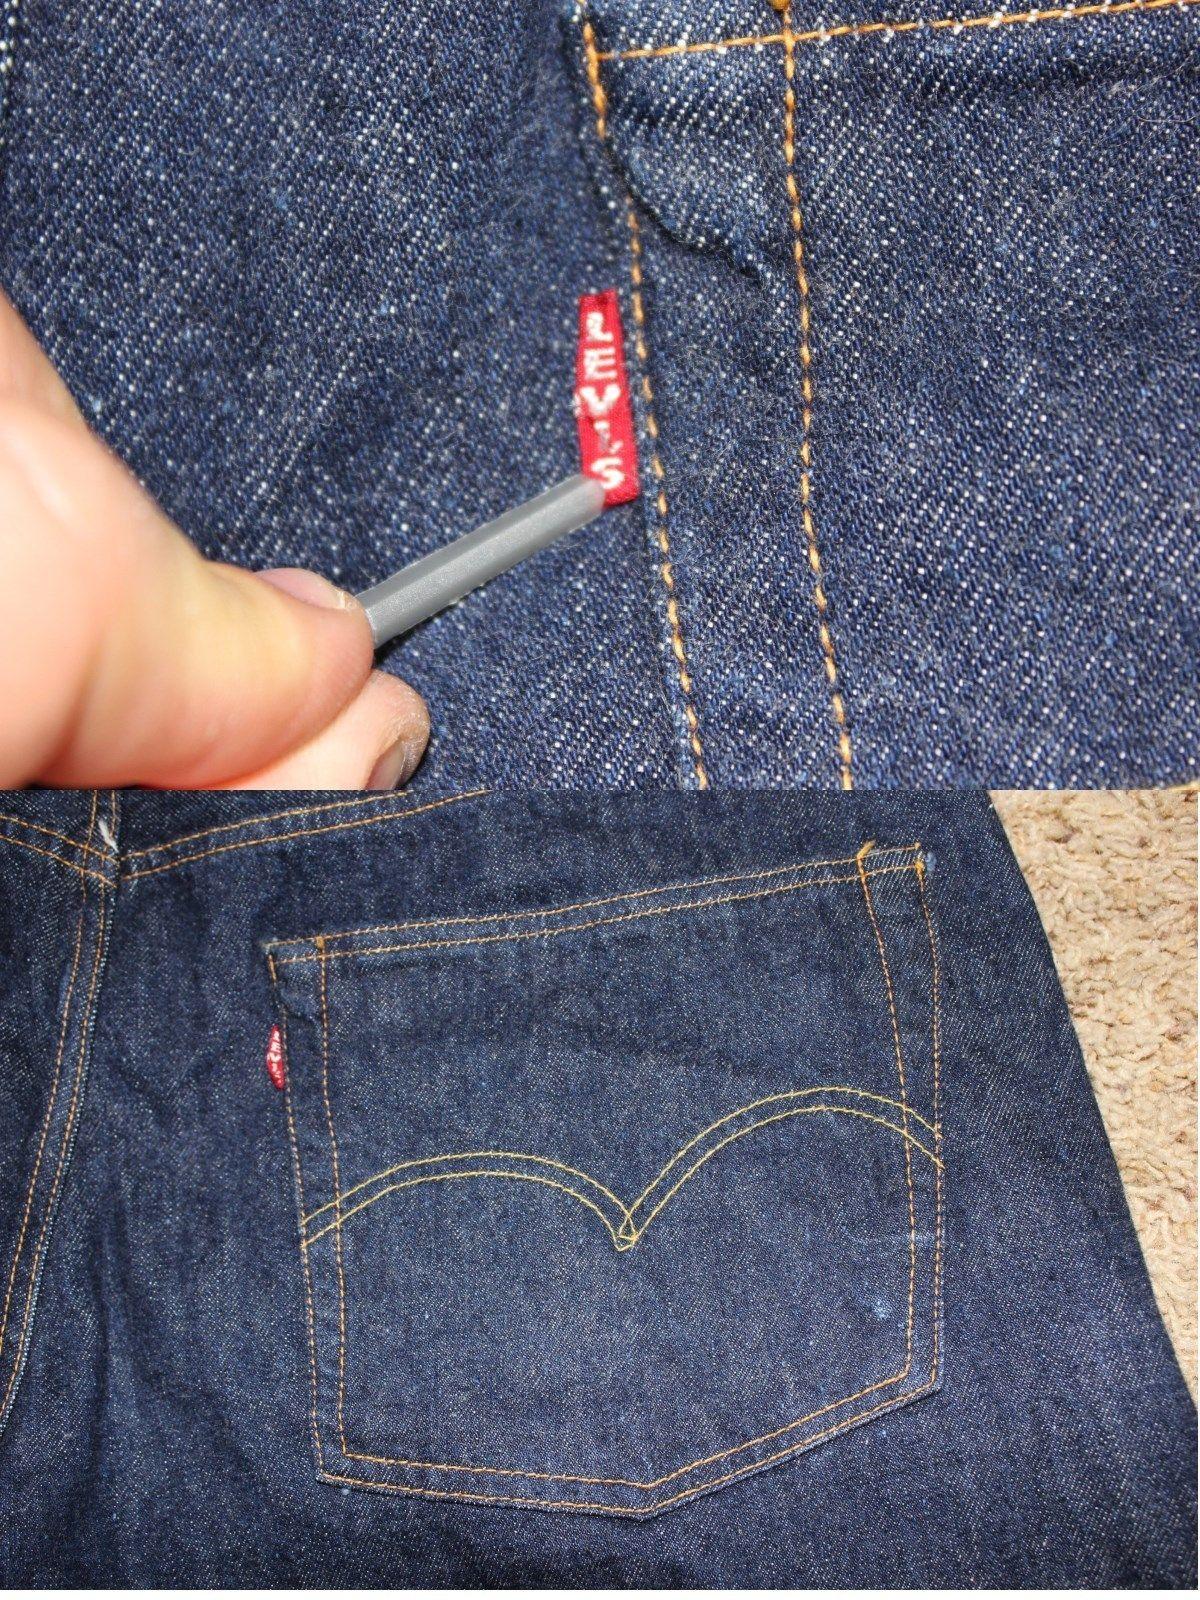 dc1def76 Vintage Levi's Jeans (Men's Pre-owned Levis Redline Selvedge Big